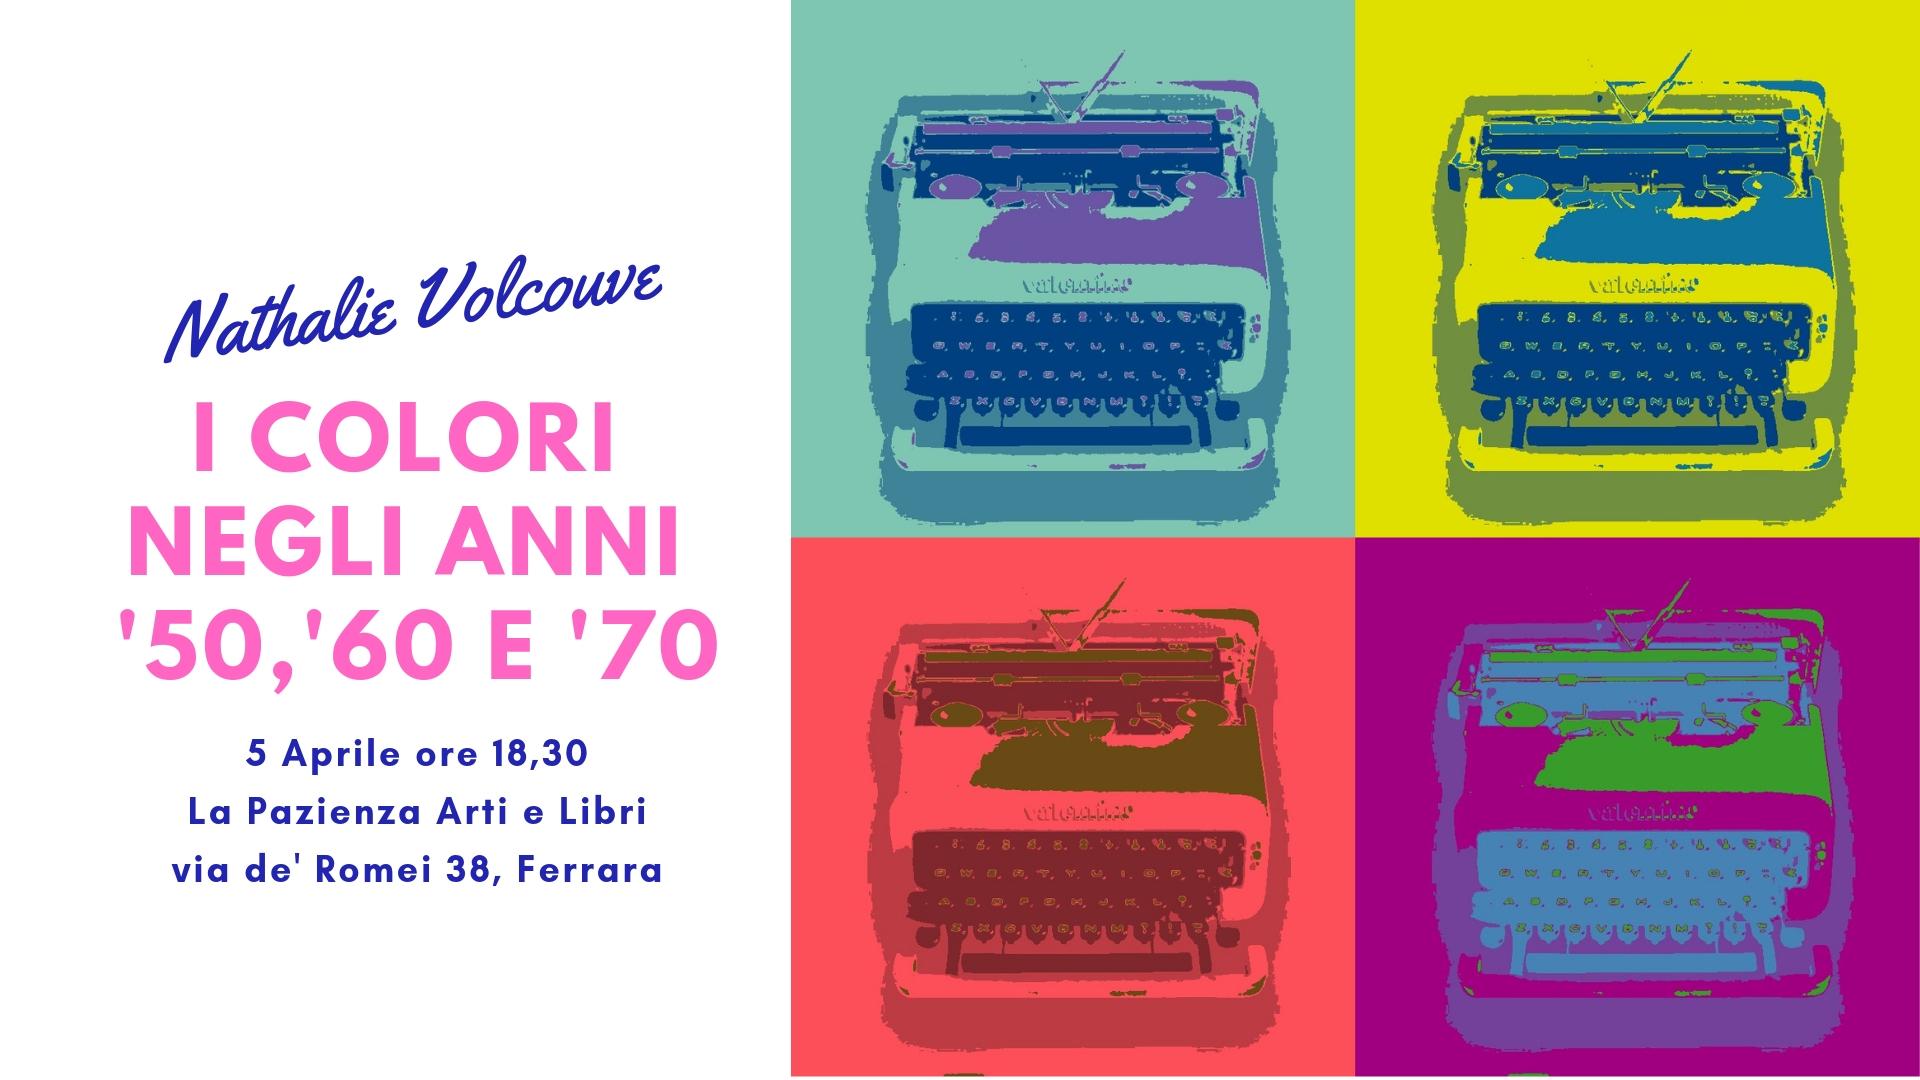 Anni 70 Colori i colori negli anni '50, '60 e '70 | nathalie volcouve